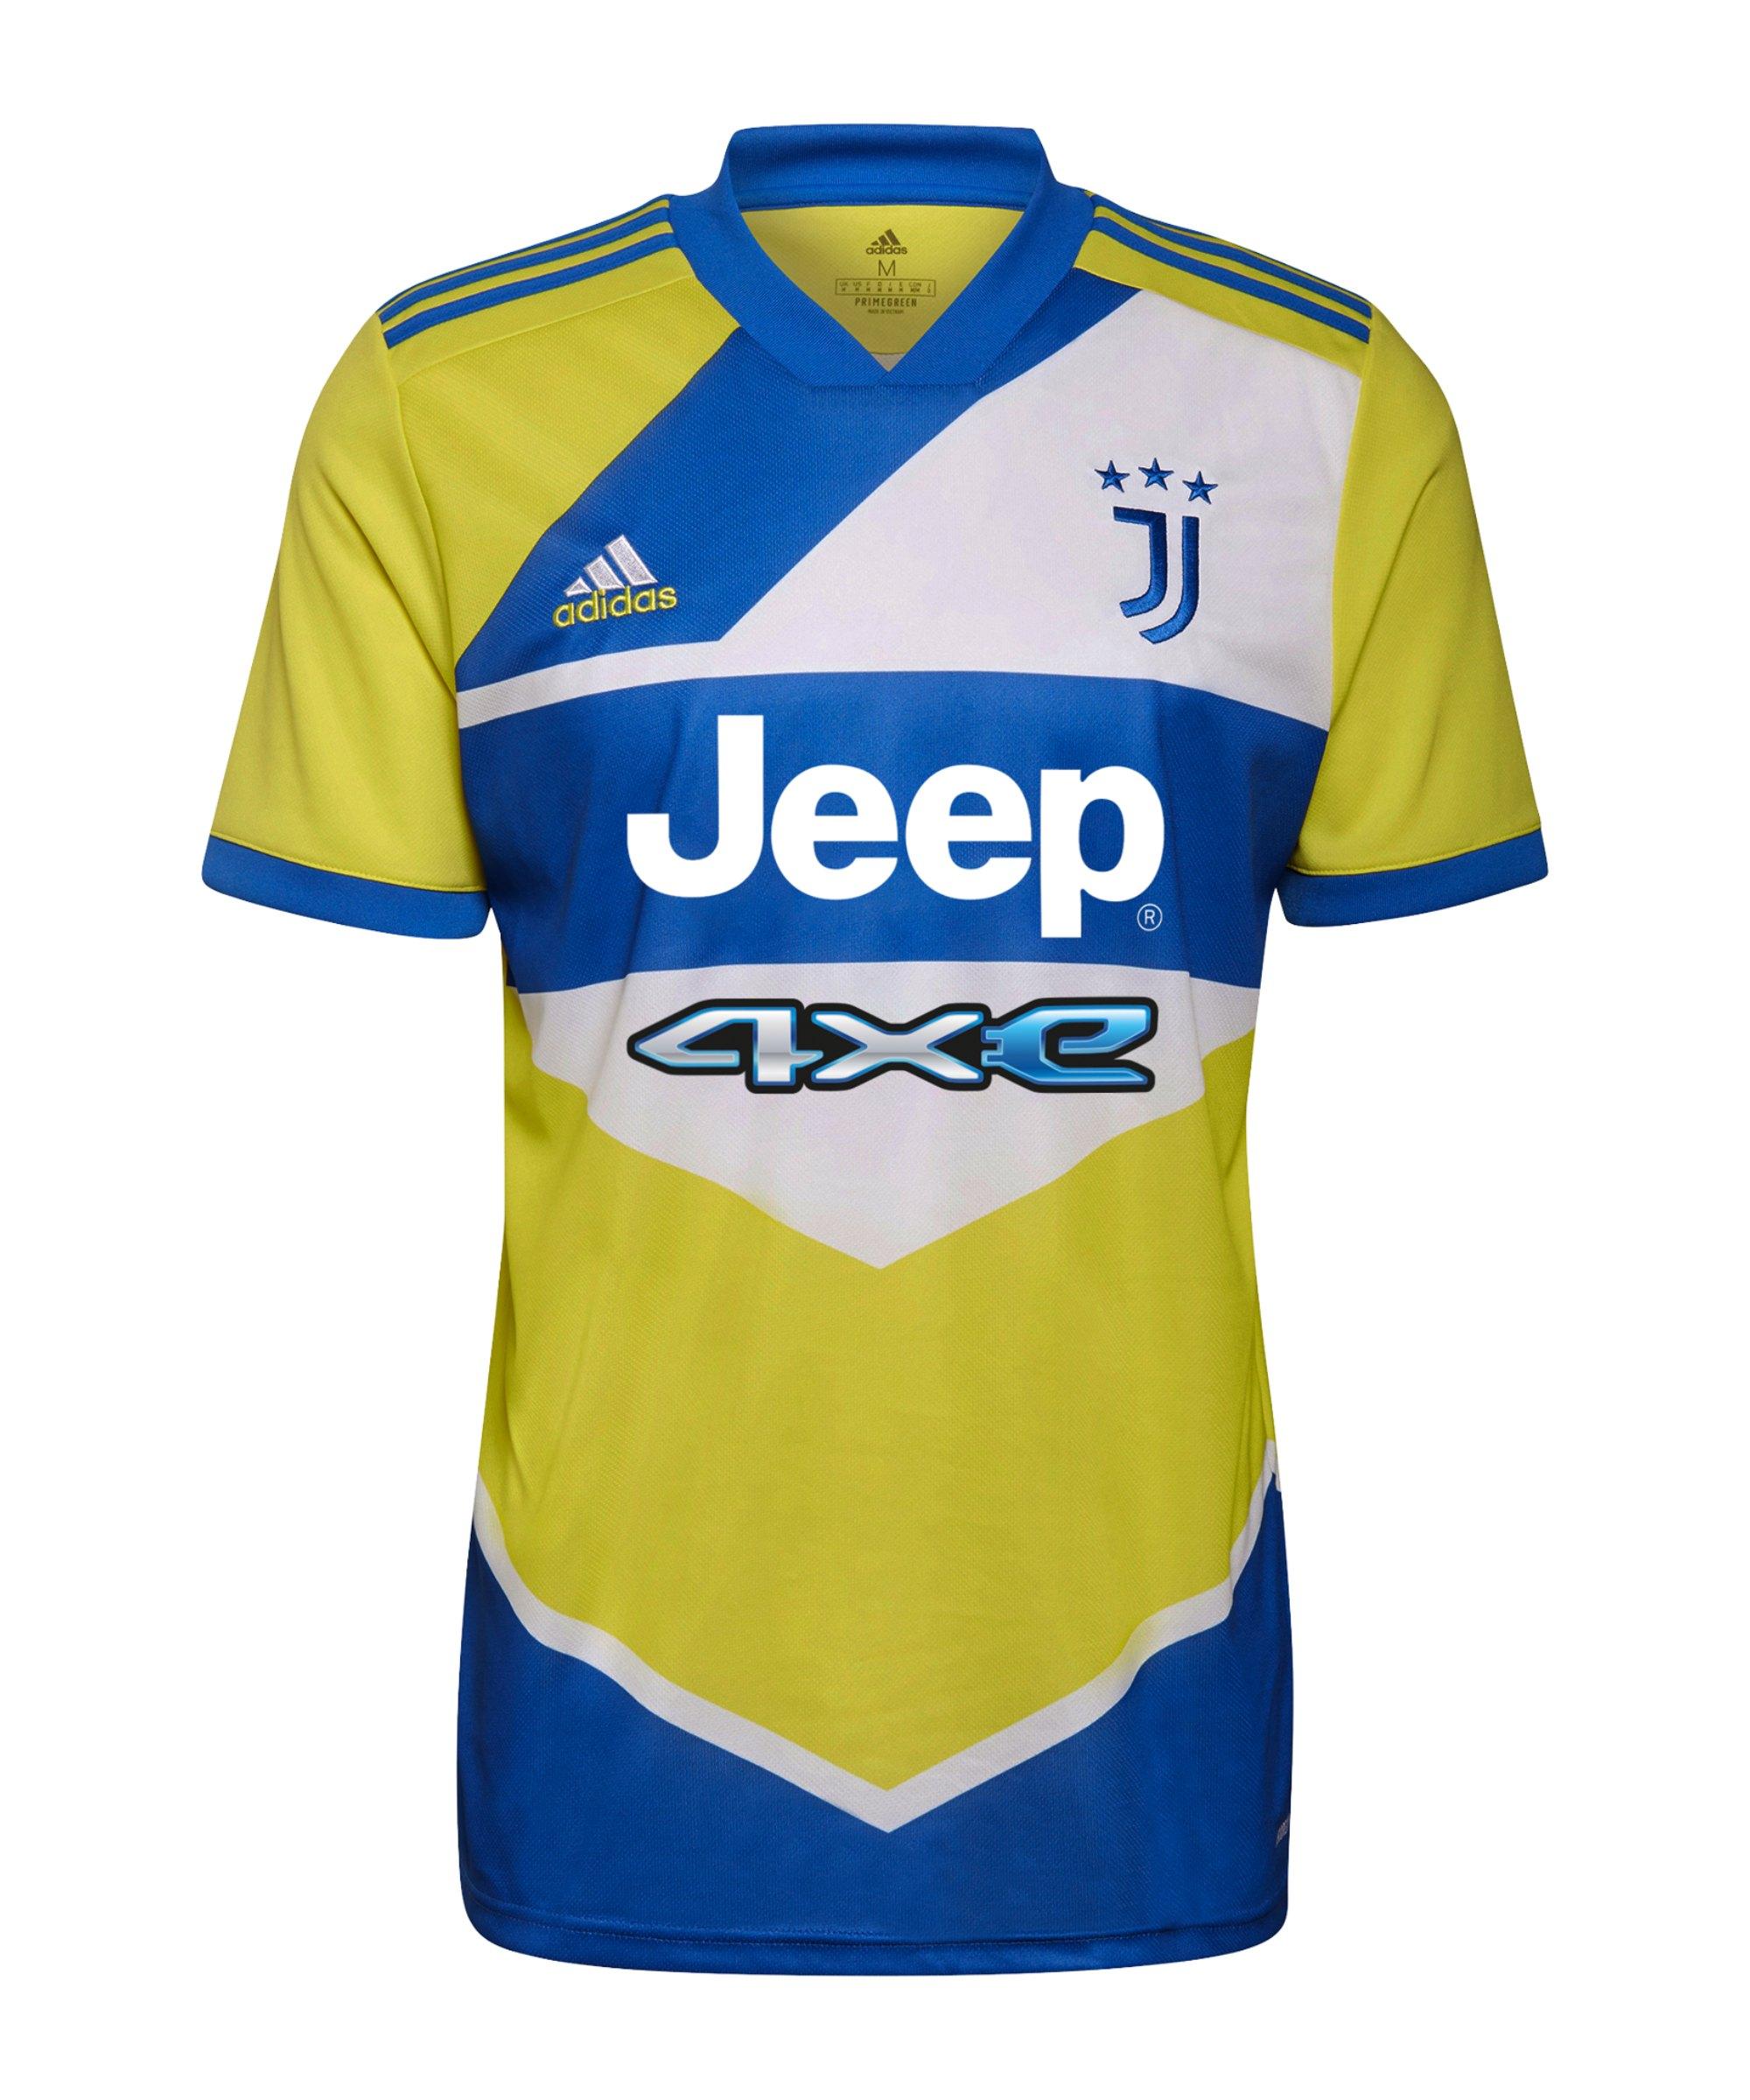 adidas Juventus Turin Trikot UCL 2021/2022 Gelb Blau - gelb